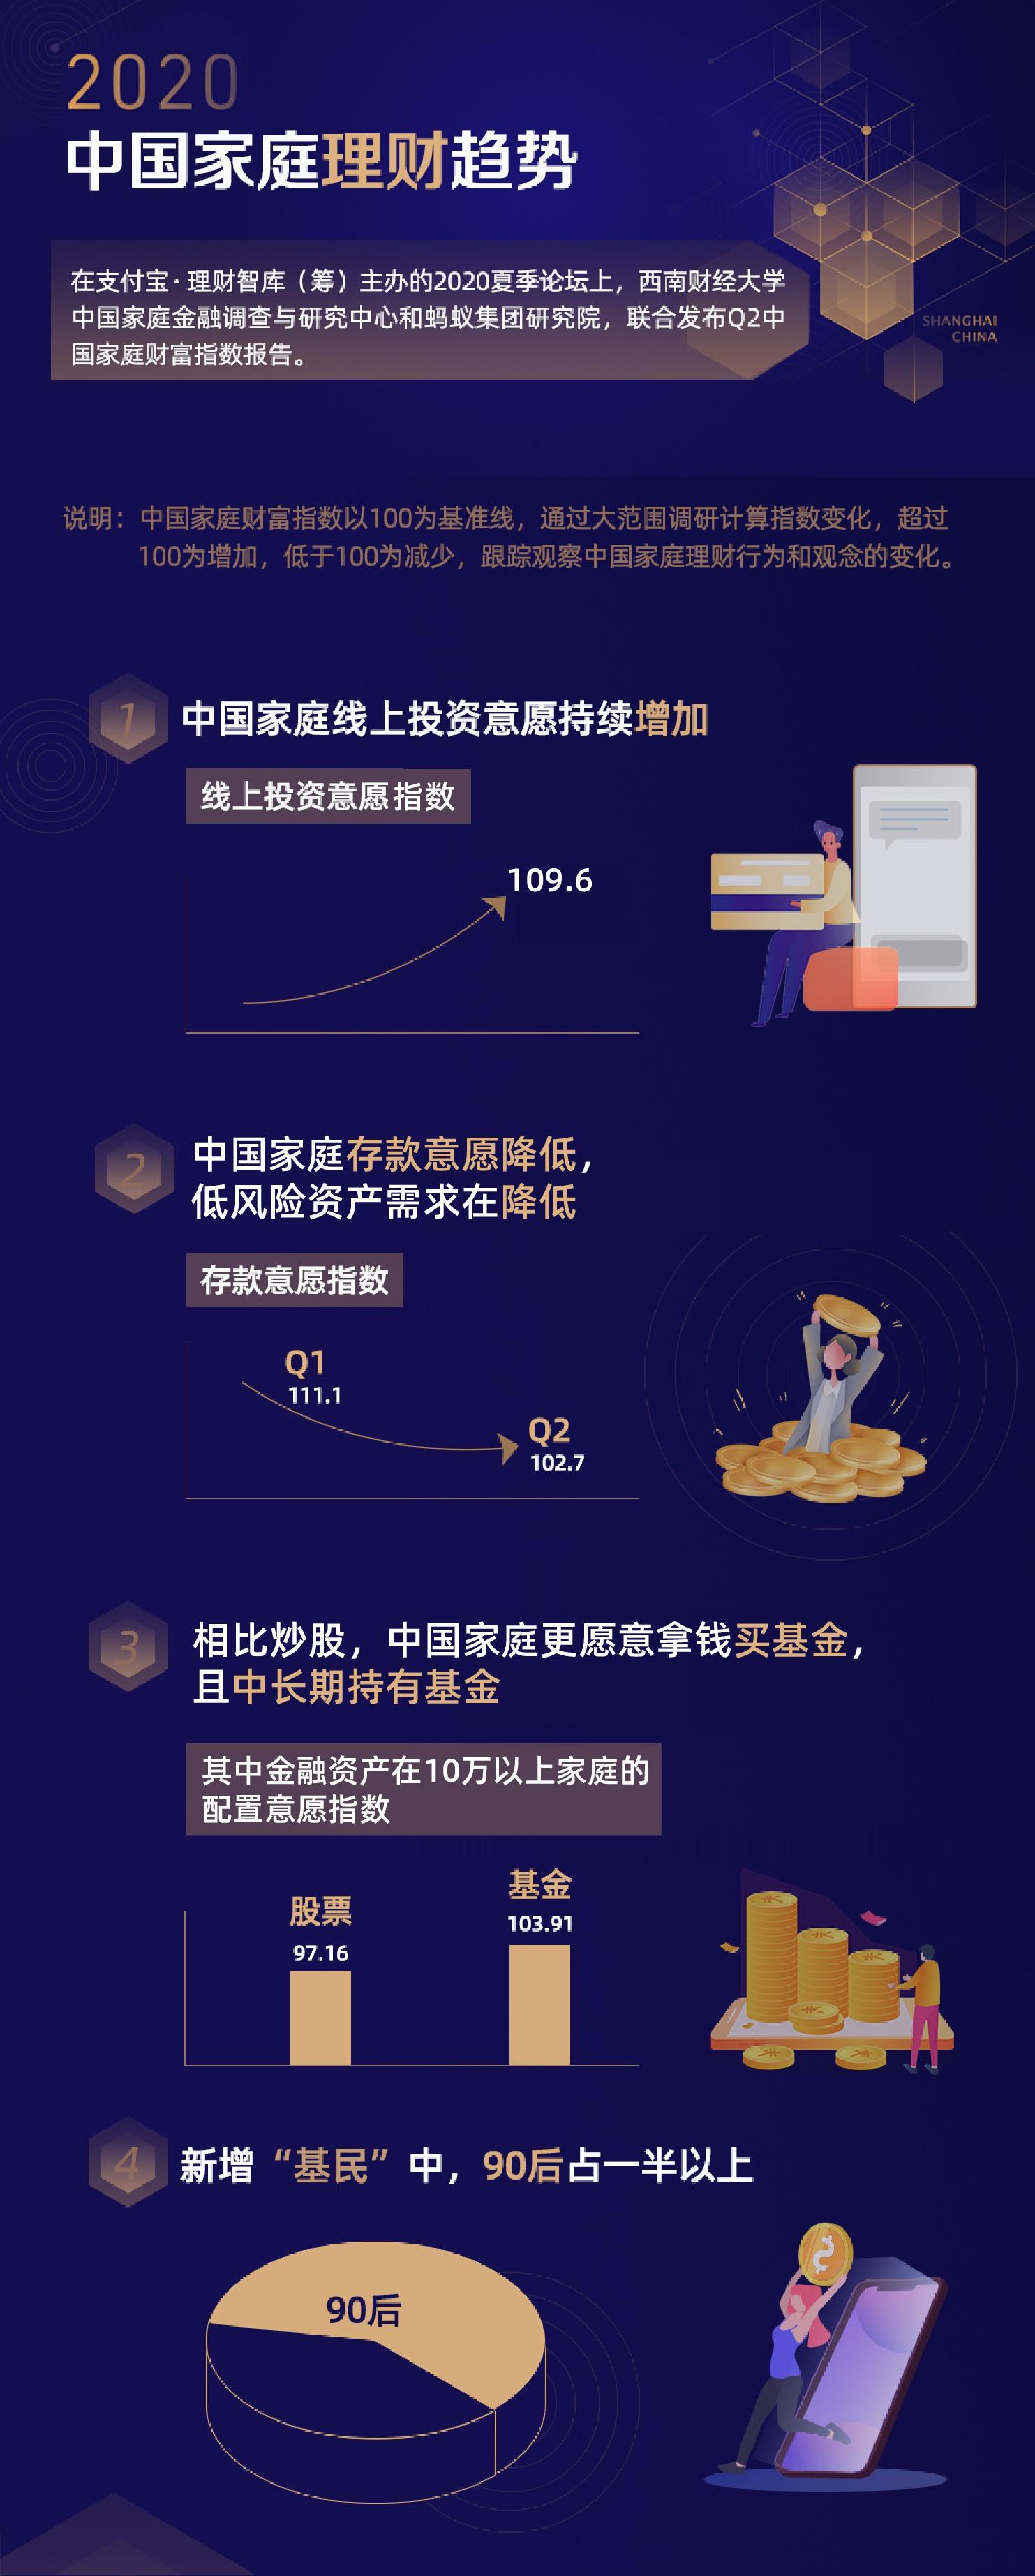 """2020二季度中国家庭财富指数调研报告出炉,90后爱""""吃基"""""""